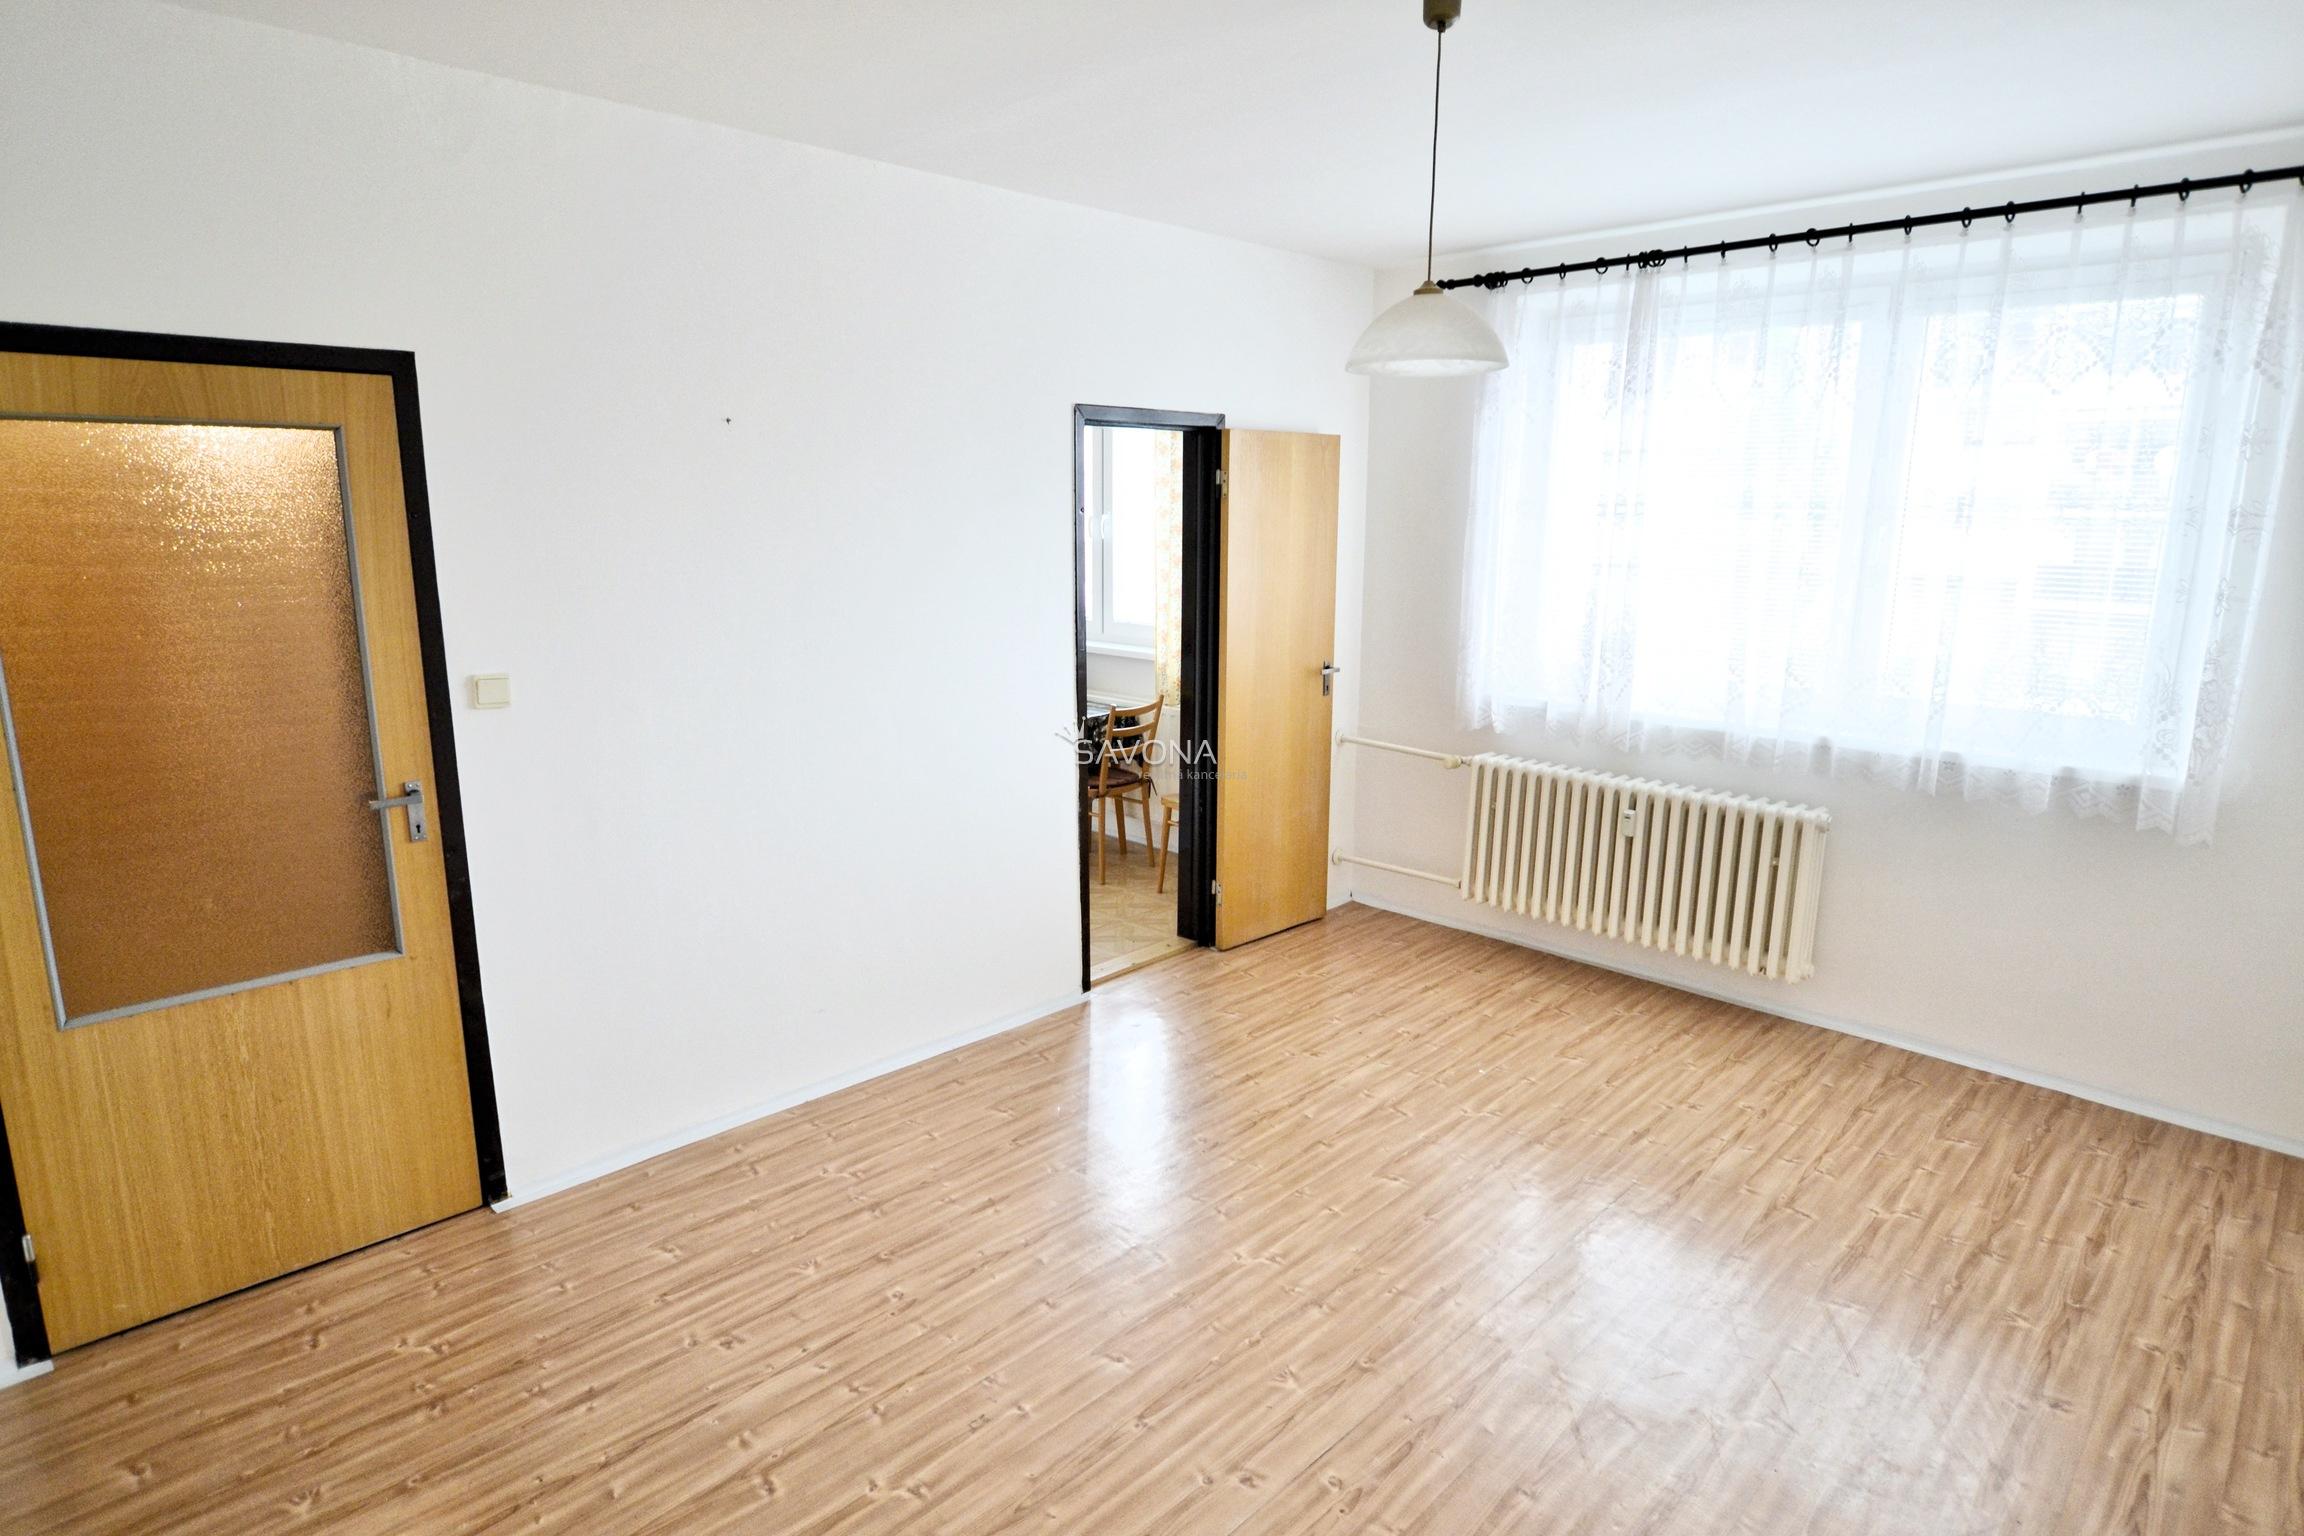 REZERVOVANÉ/EXKLUZÍVNE - 1-izbový byt, po čiastočnej rekonštrukcii, Starý Juh